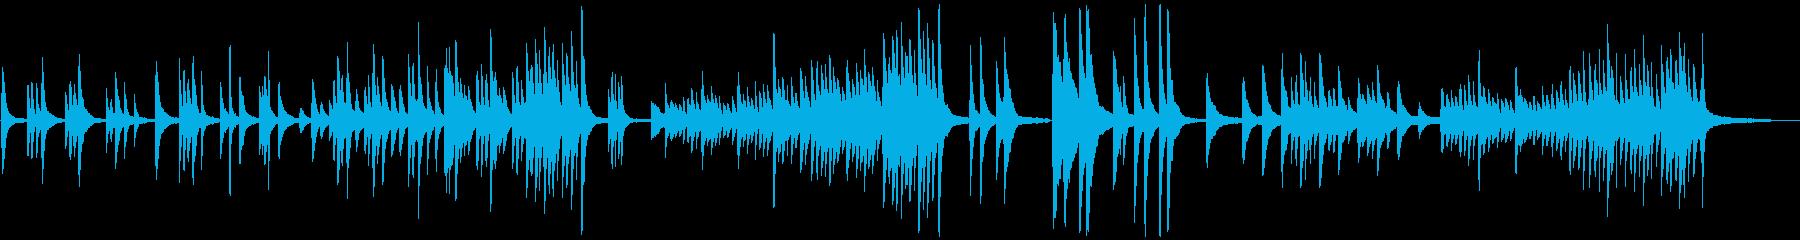 ゆったりとしたピアノのバラードの再生済みの波形